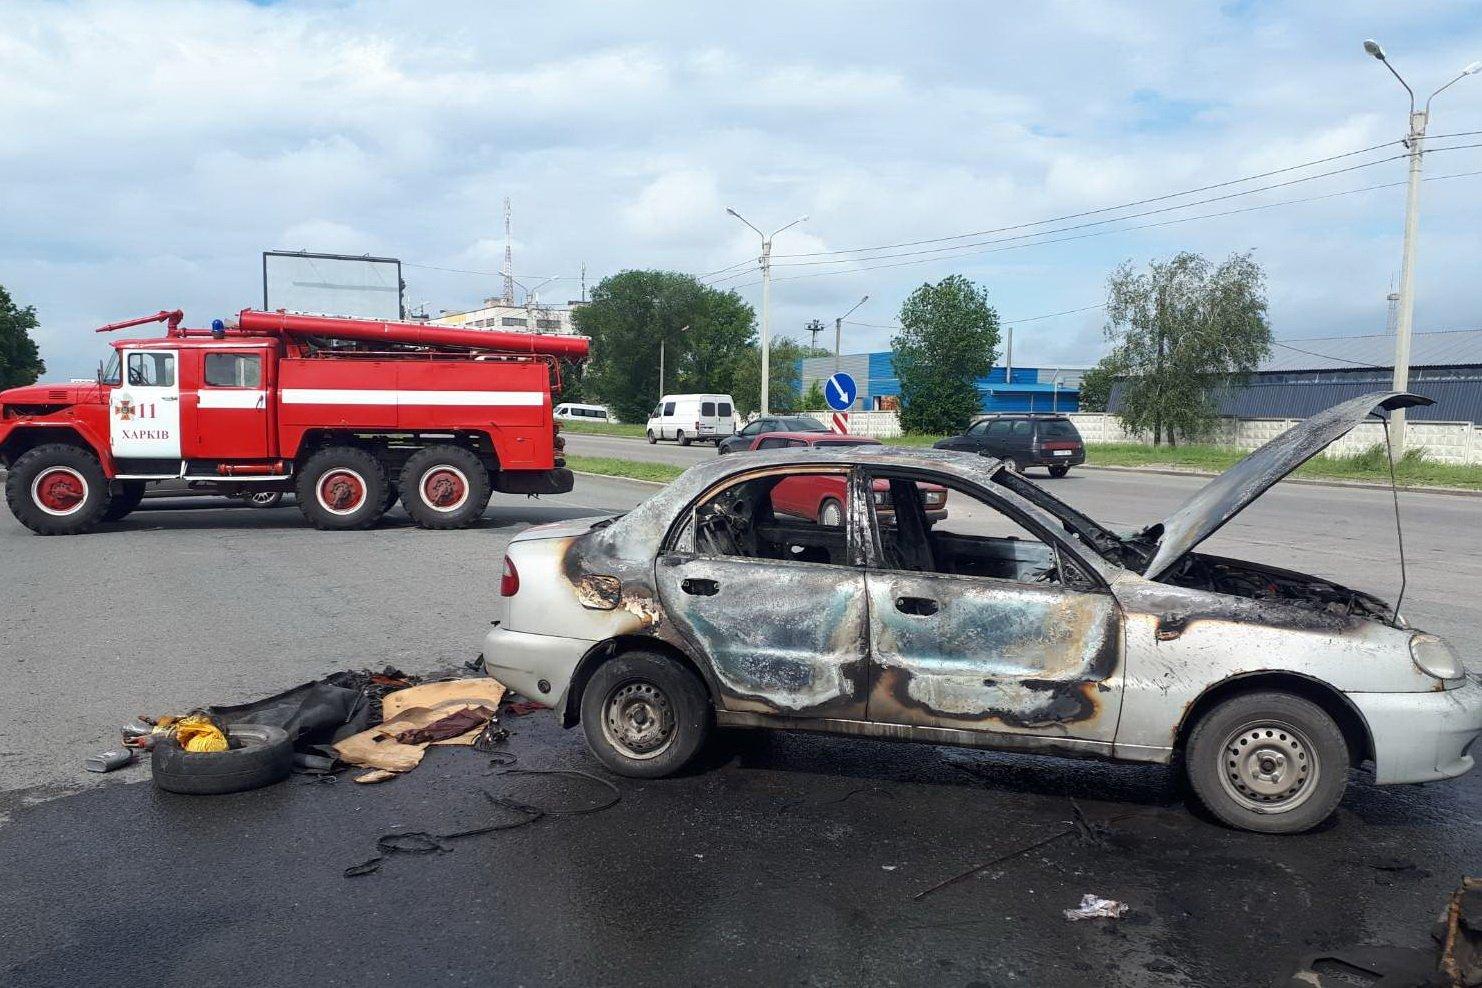 В Слободском районе спасатели ликвидировали пожар в автомобиле (фото)